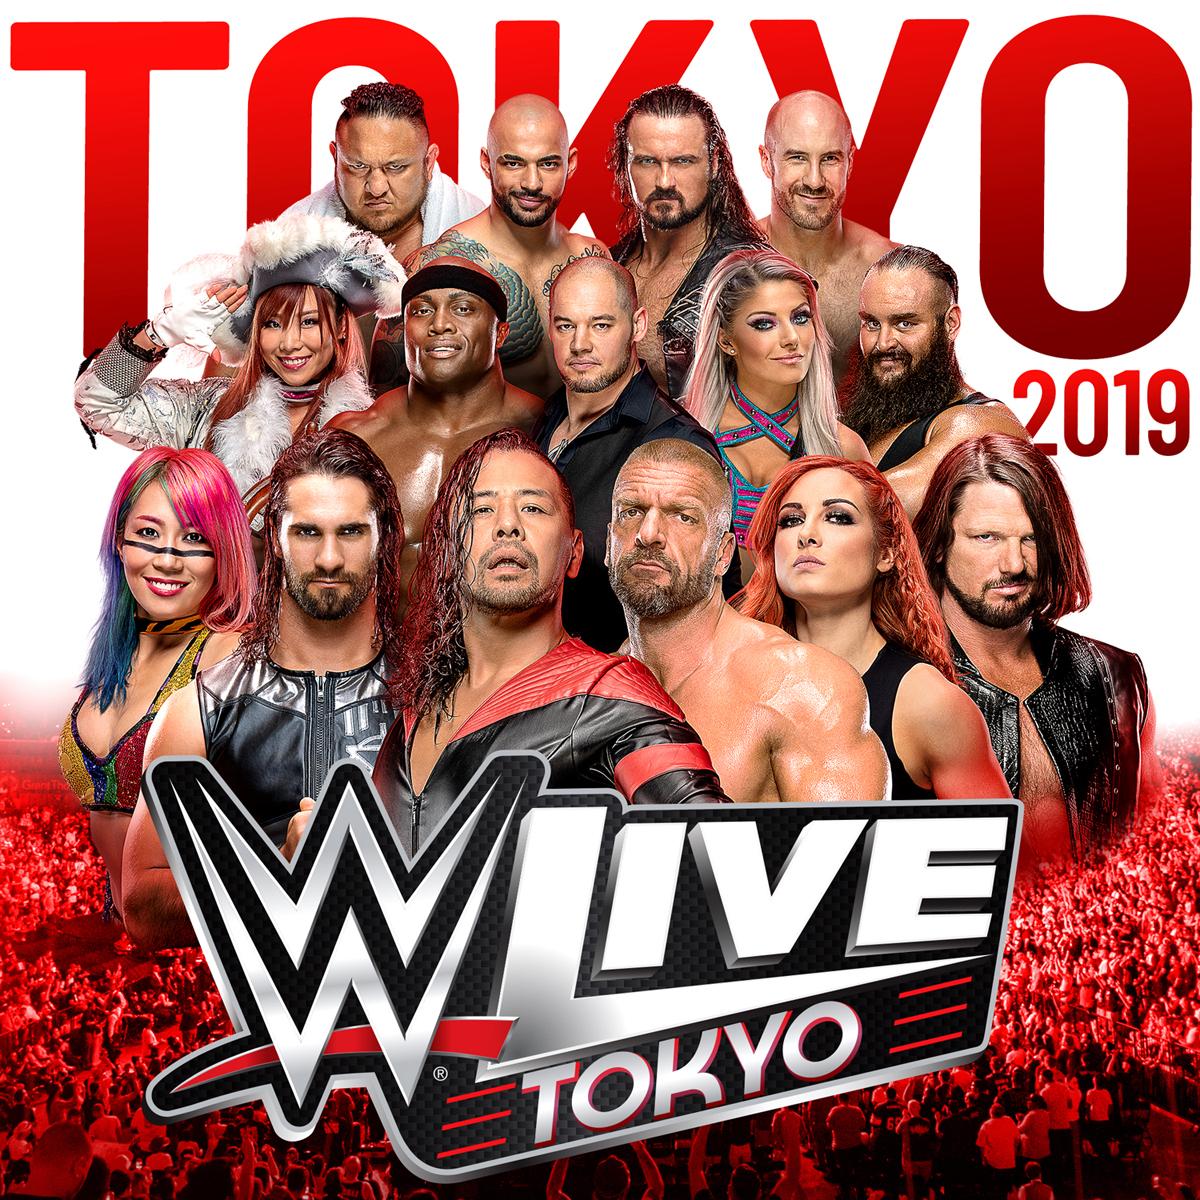 『WWE Live Tokyo』は6月28日(金)開幕